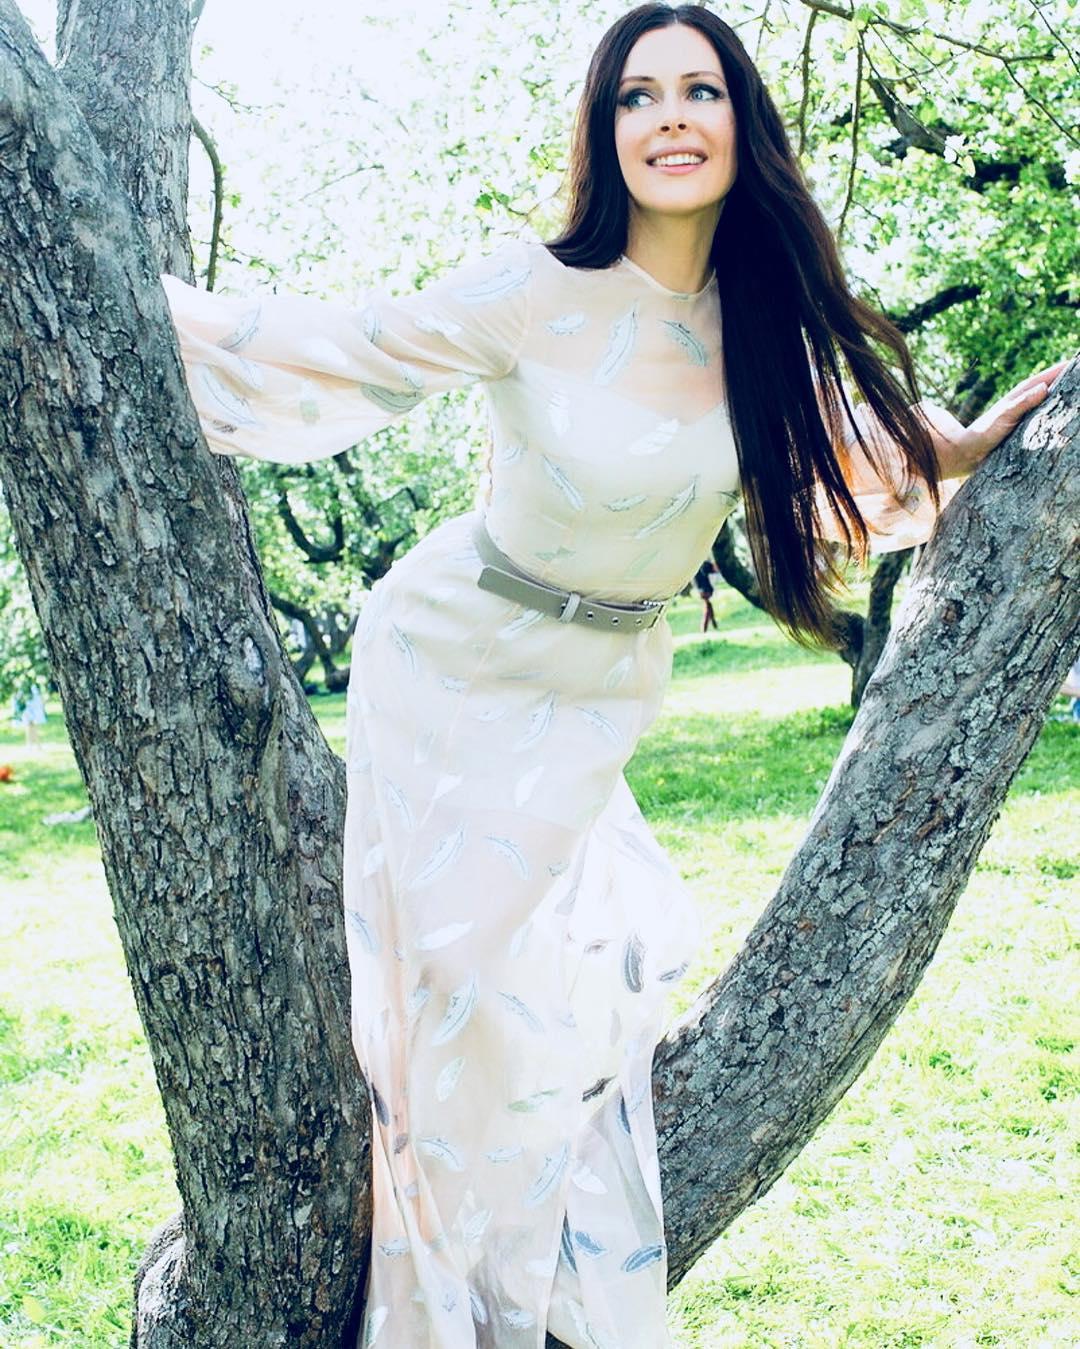 фото астролог лидия арефьева являемся лидером